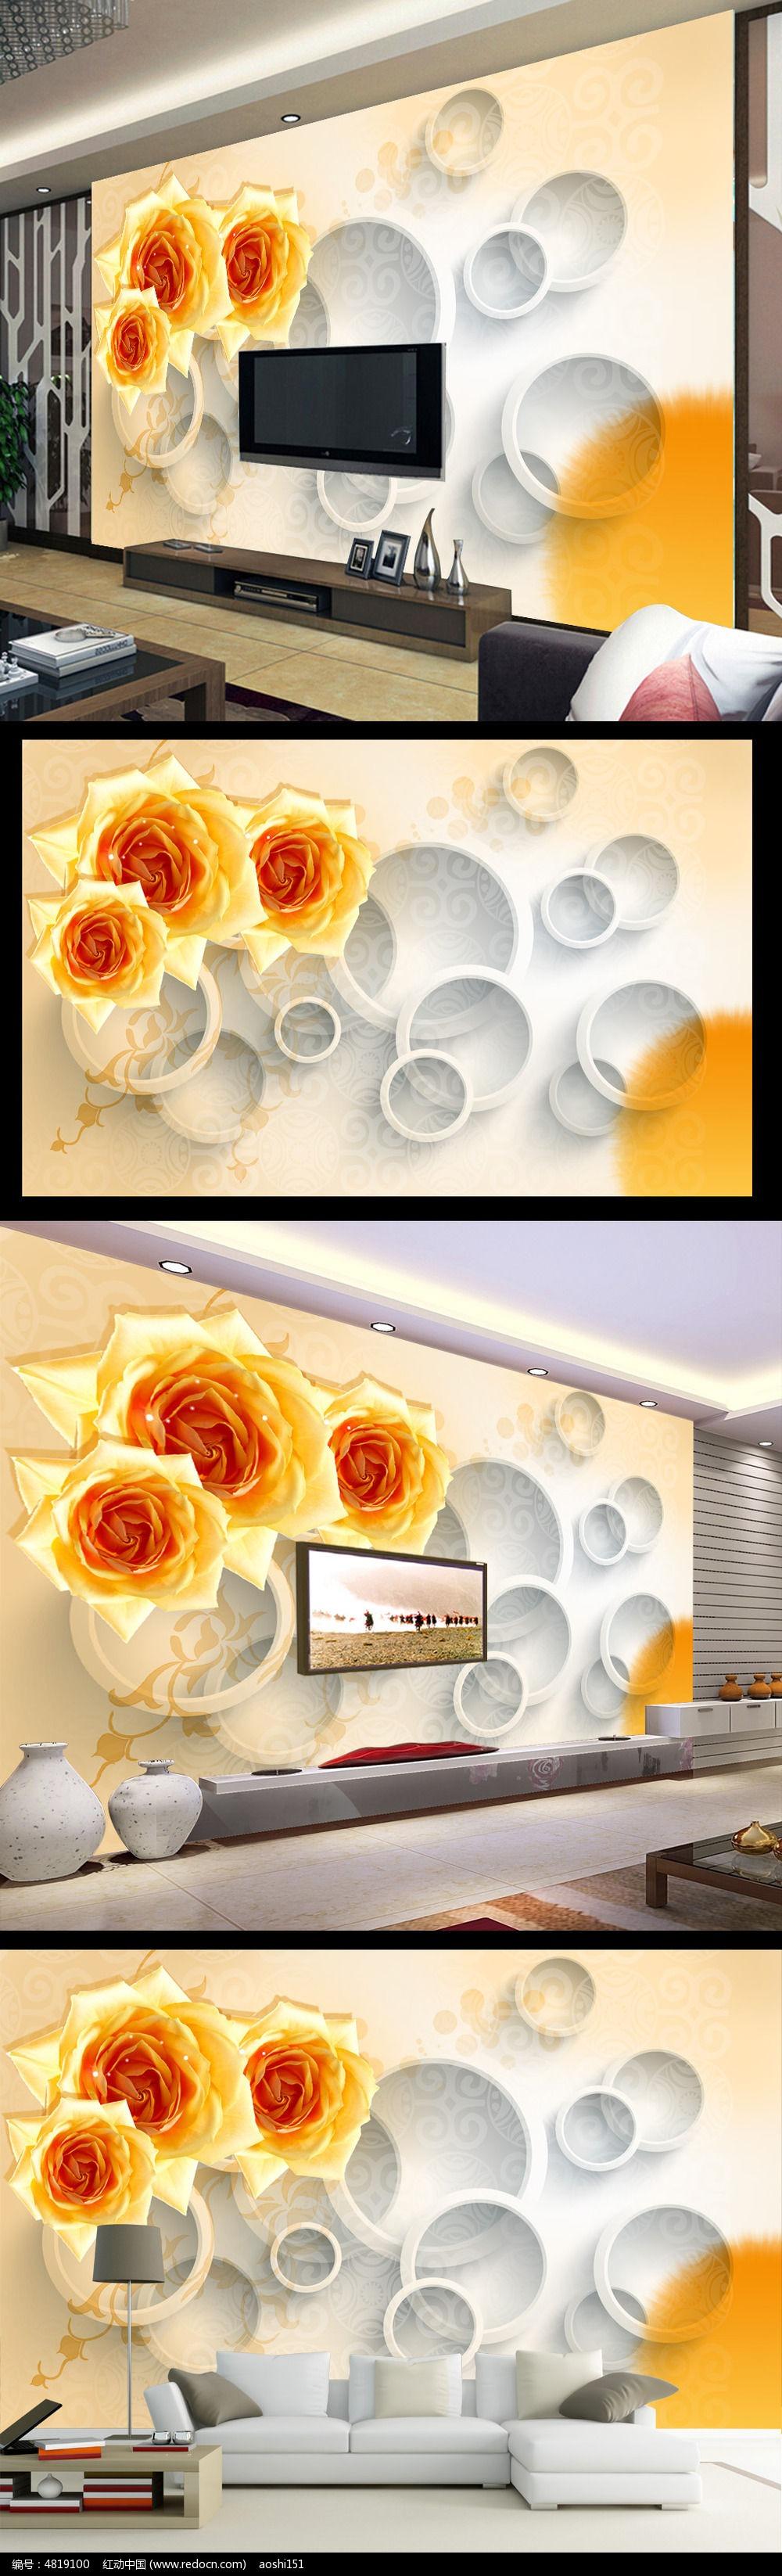 客厅3d玫瑰花花纹电视背景墙图片